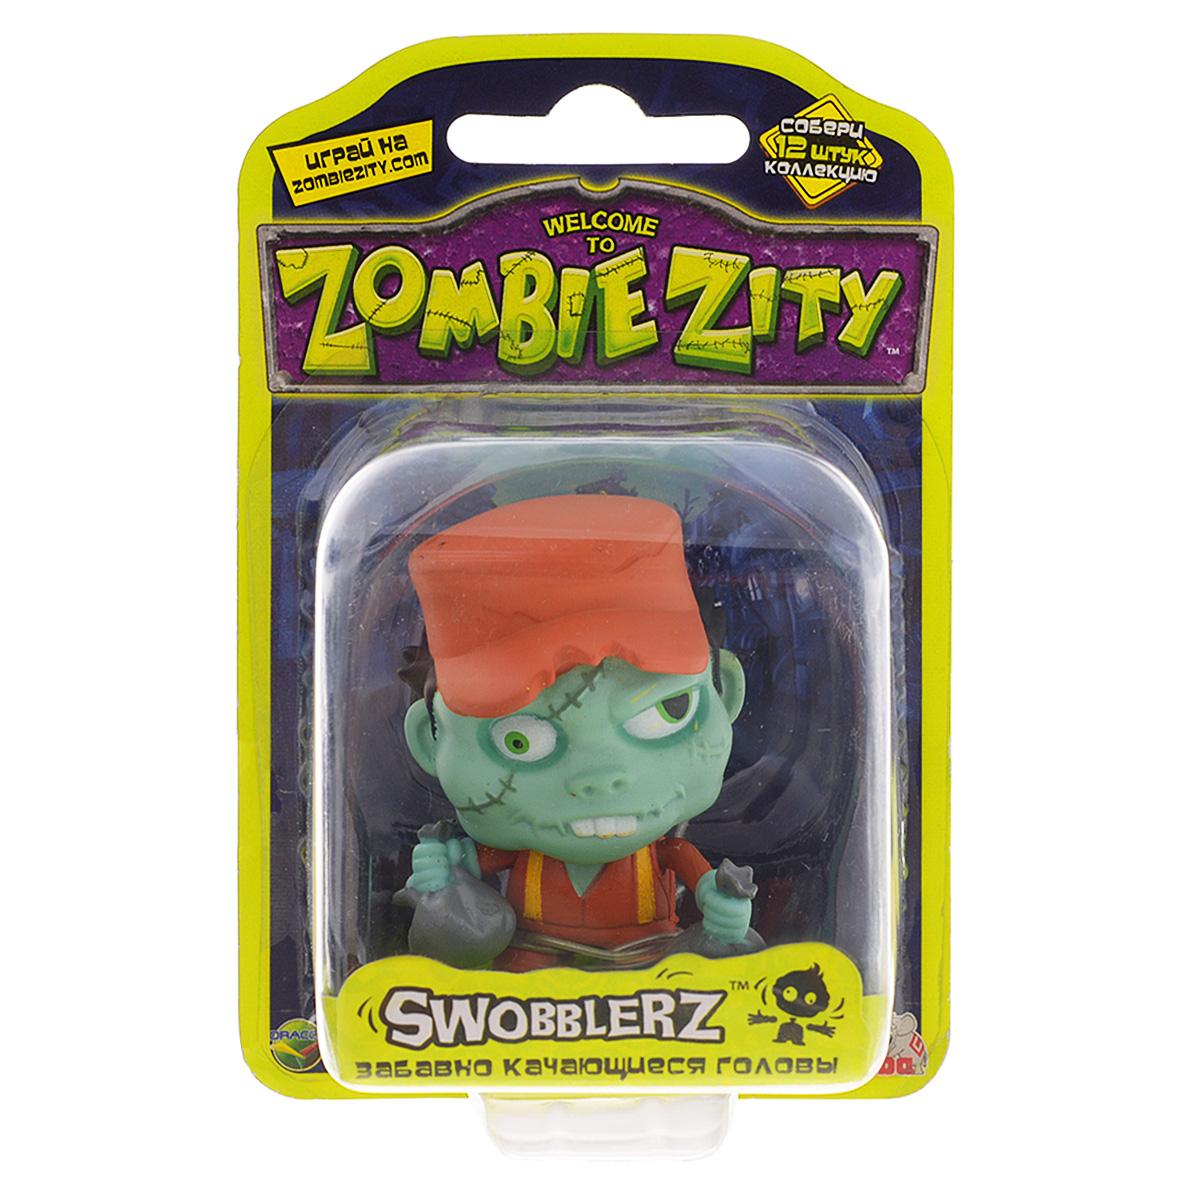 Zombie Zity Фигурка Городская свалка. Скид Смеллсом4382858_городская свалкаФигурка Городская свалка. Скид Смеллсом выполнена из безопасного пластика в виде героя компьютерной игры Zombie Zity. По сюжету игры, все ее герои проживают в небольшом городке, где властвует злой мэр, который превратил всех жителей в ужасных зомби. Каждый зомби имеет свою профессию и характер. Фигурка мусорщика Скида Смеллсома полностью соответствует своему персонажу. У фигурки качается голова и выдвигаются руки. Фигурки Zombie Zity с одной стороны жуткие, но в тоже время и забавные маленькие зомби, которые являются настоящей находкой для любителей игры Zombie Zity. Все фигурки игры полностью разбираются, благодаря чему можно собирать абсолютно новых персонажей самостоятельно.